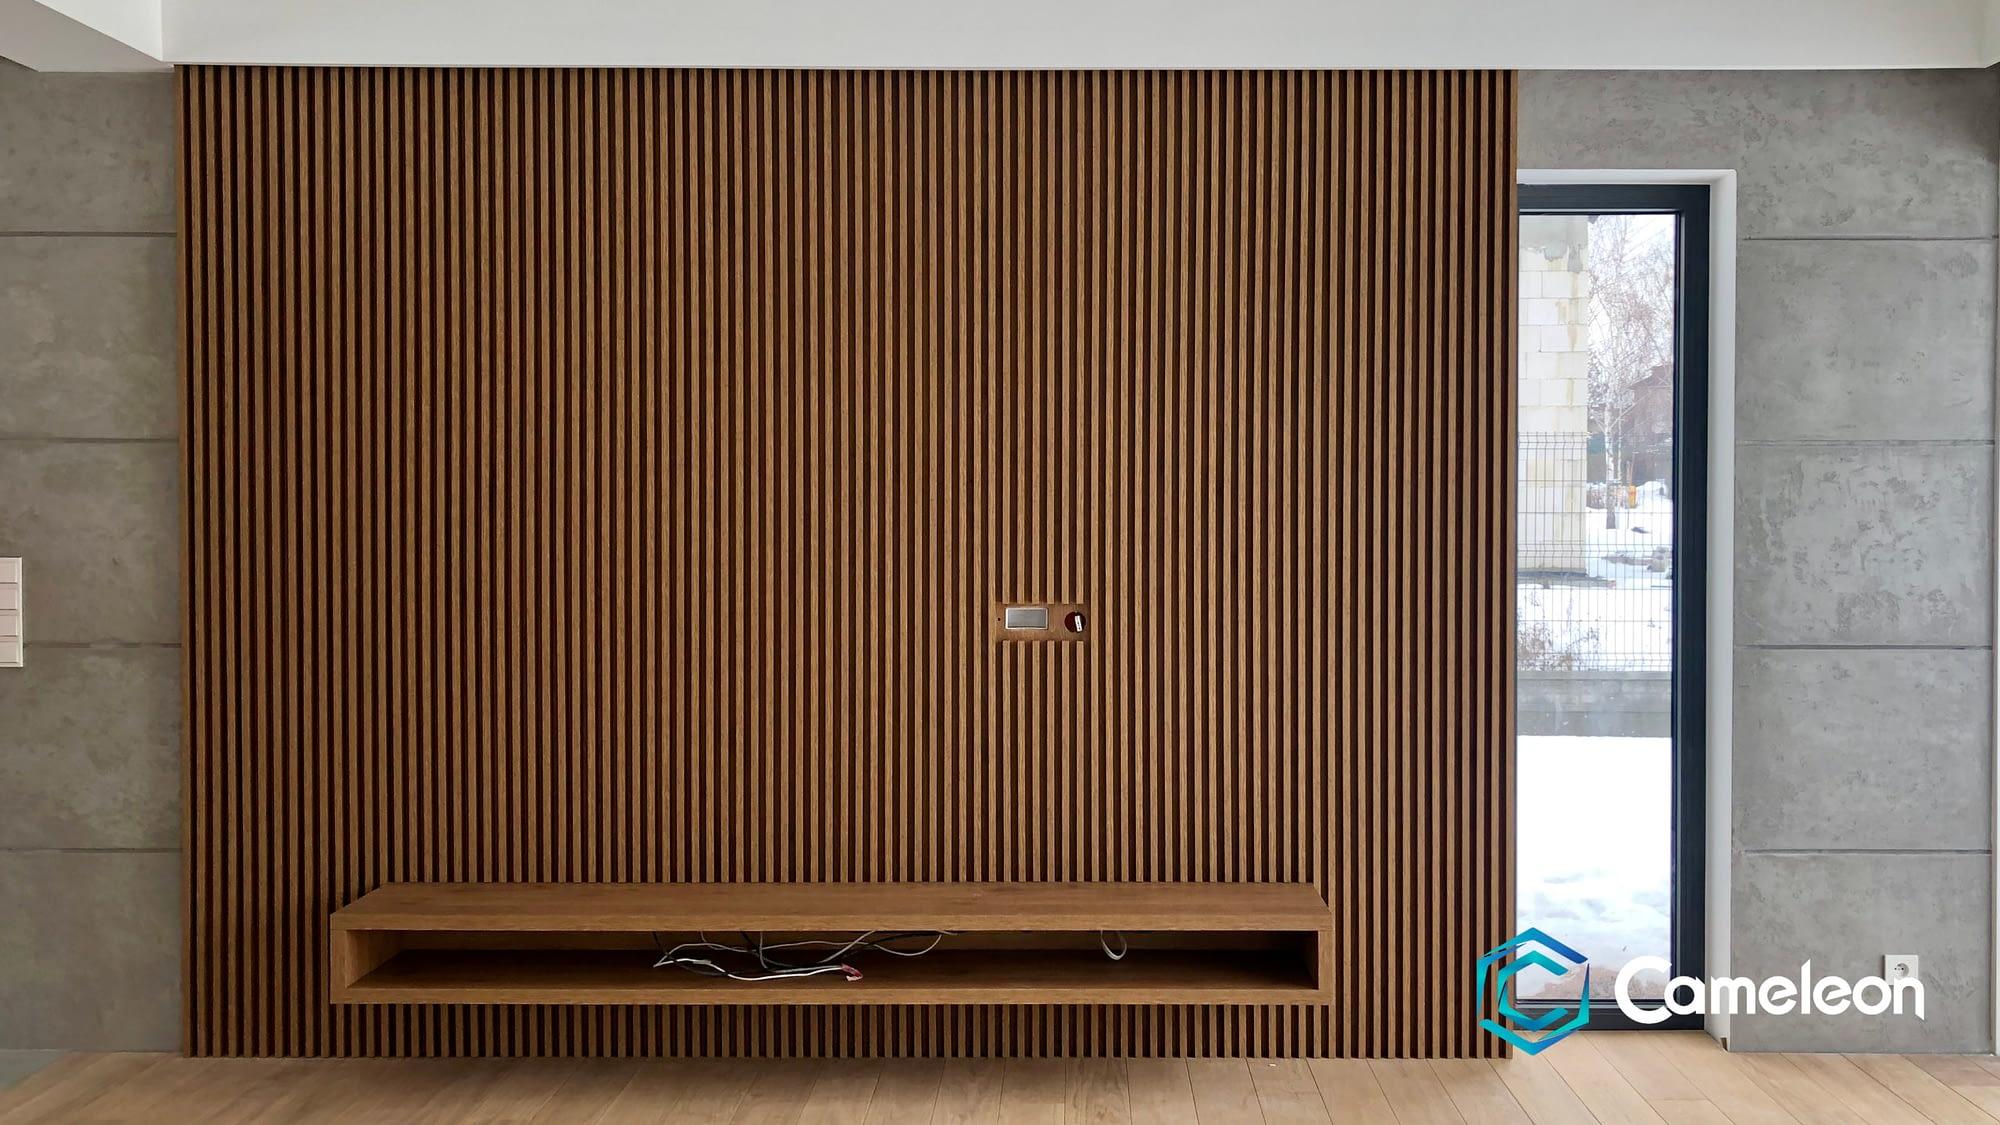 Wertykalne drewno na ścianie